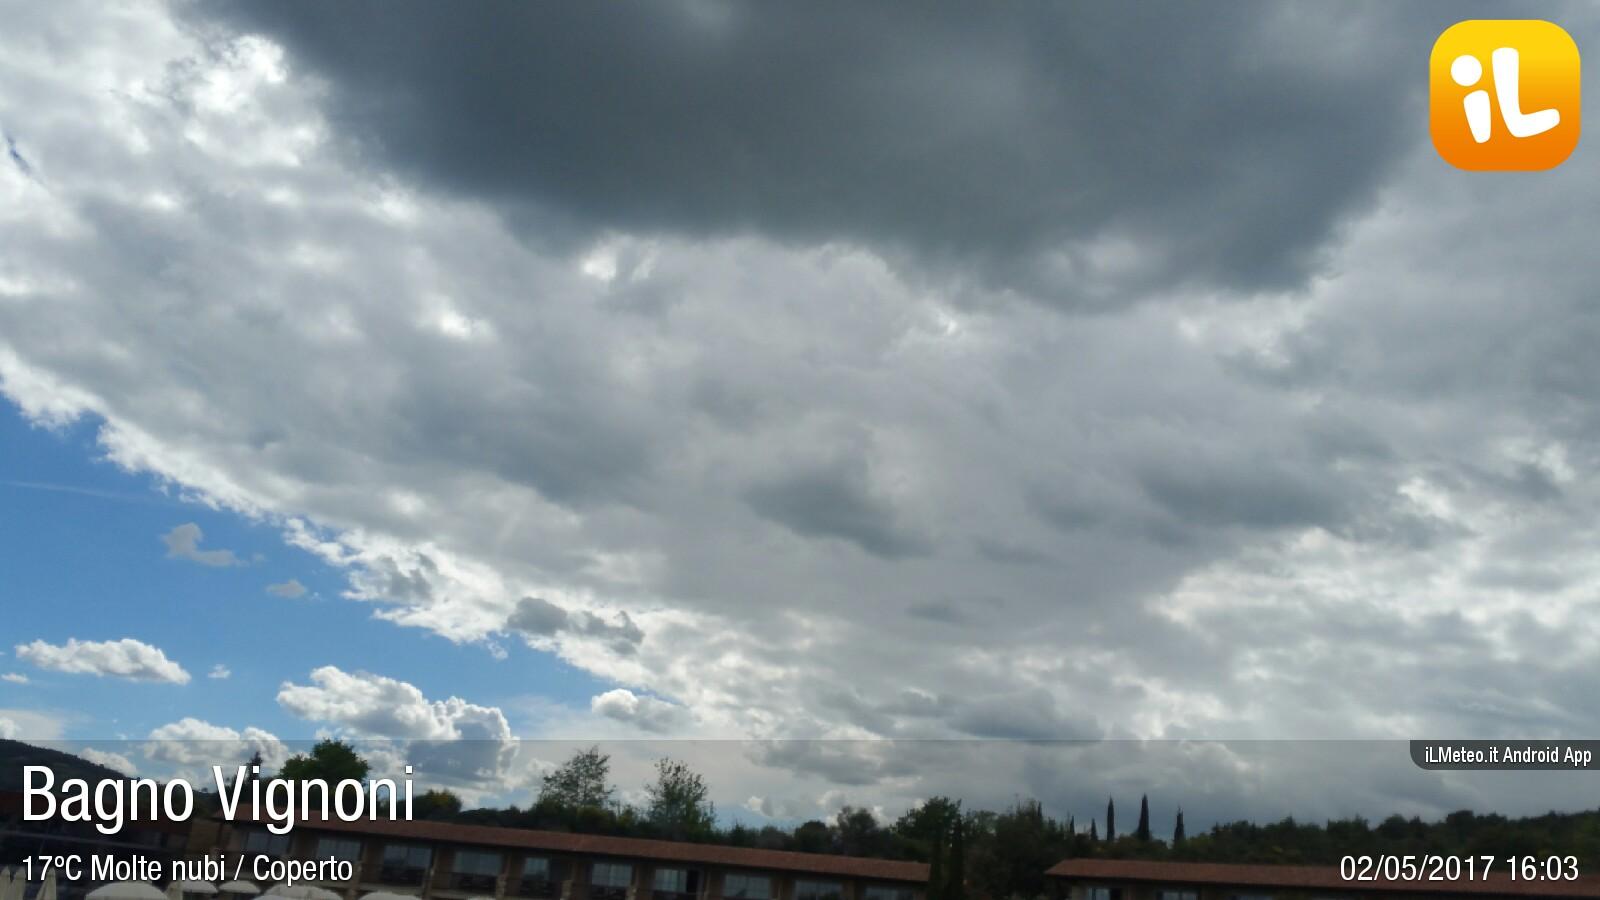 Foto meteo - Bagno Vignoni - Bagno Vignoni ore 16:04 » ILMETEO.it